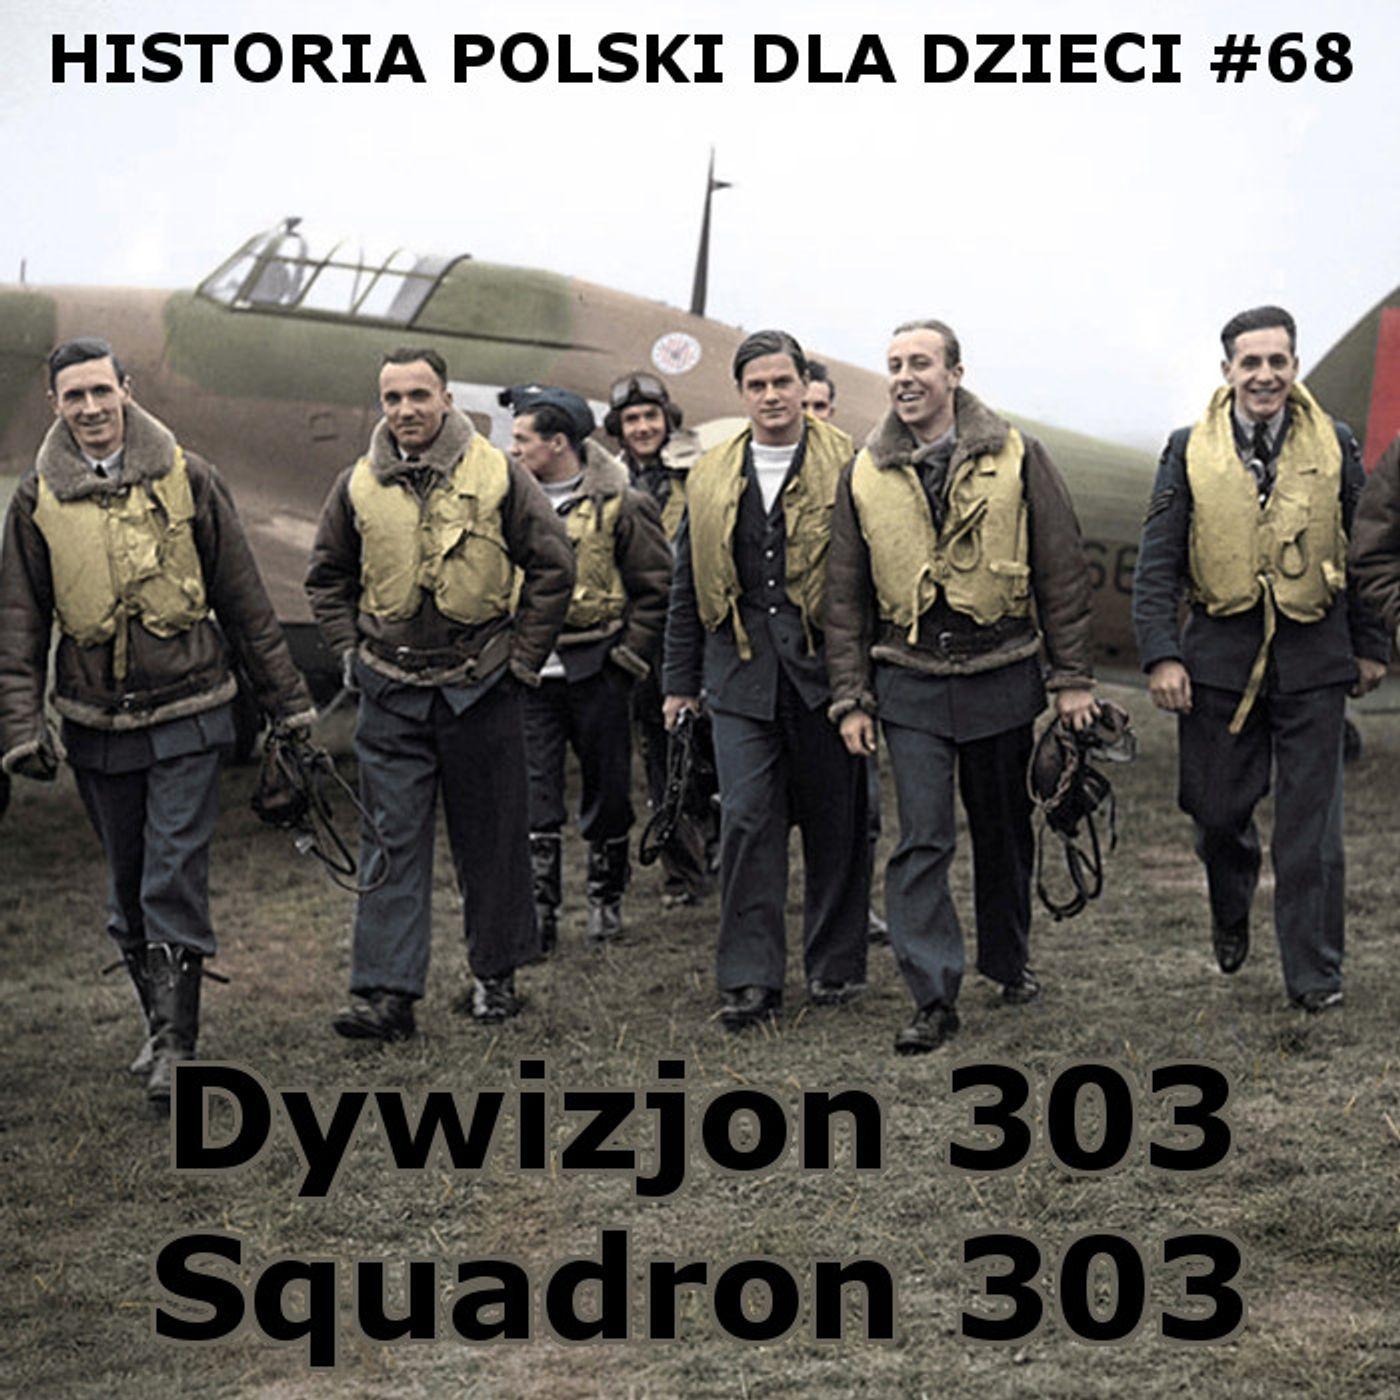 68 - Dywizjon 303 część 2